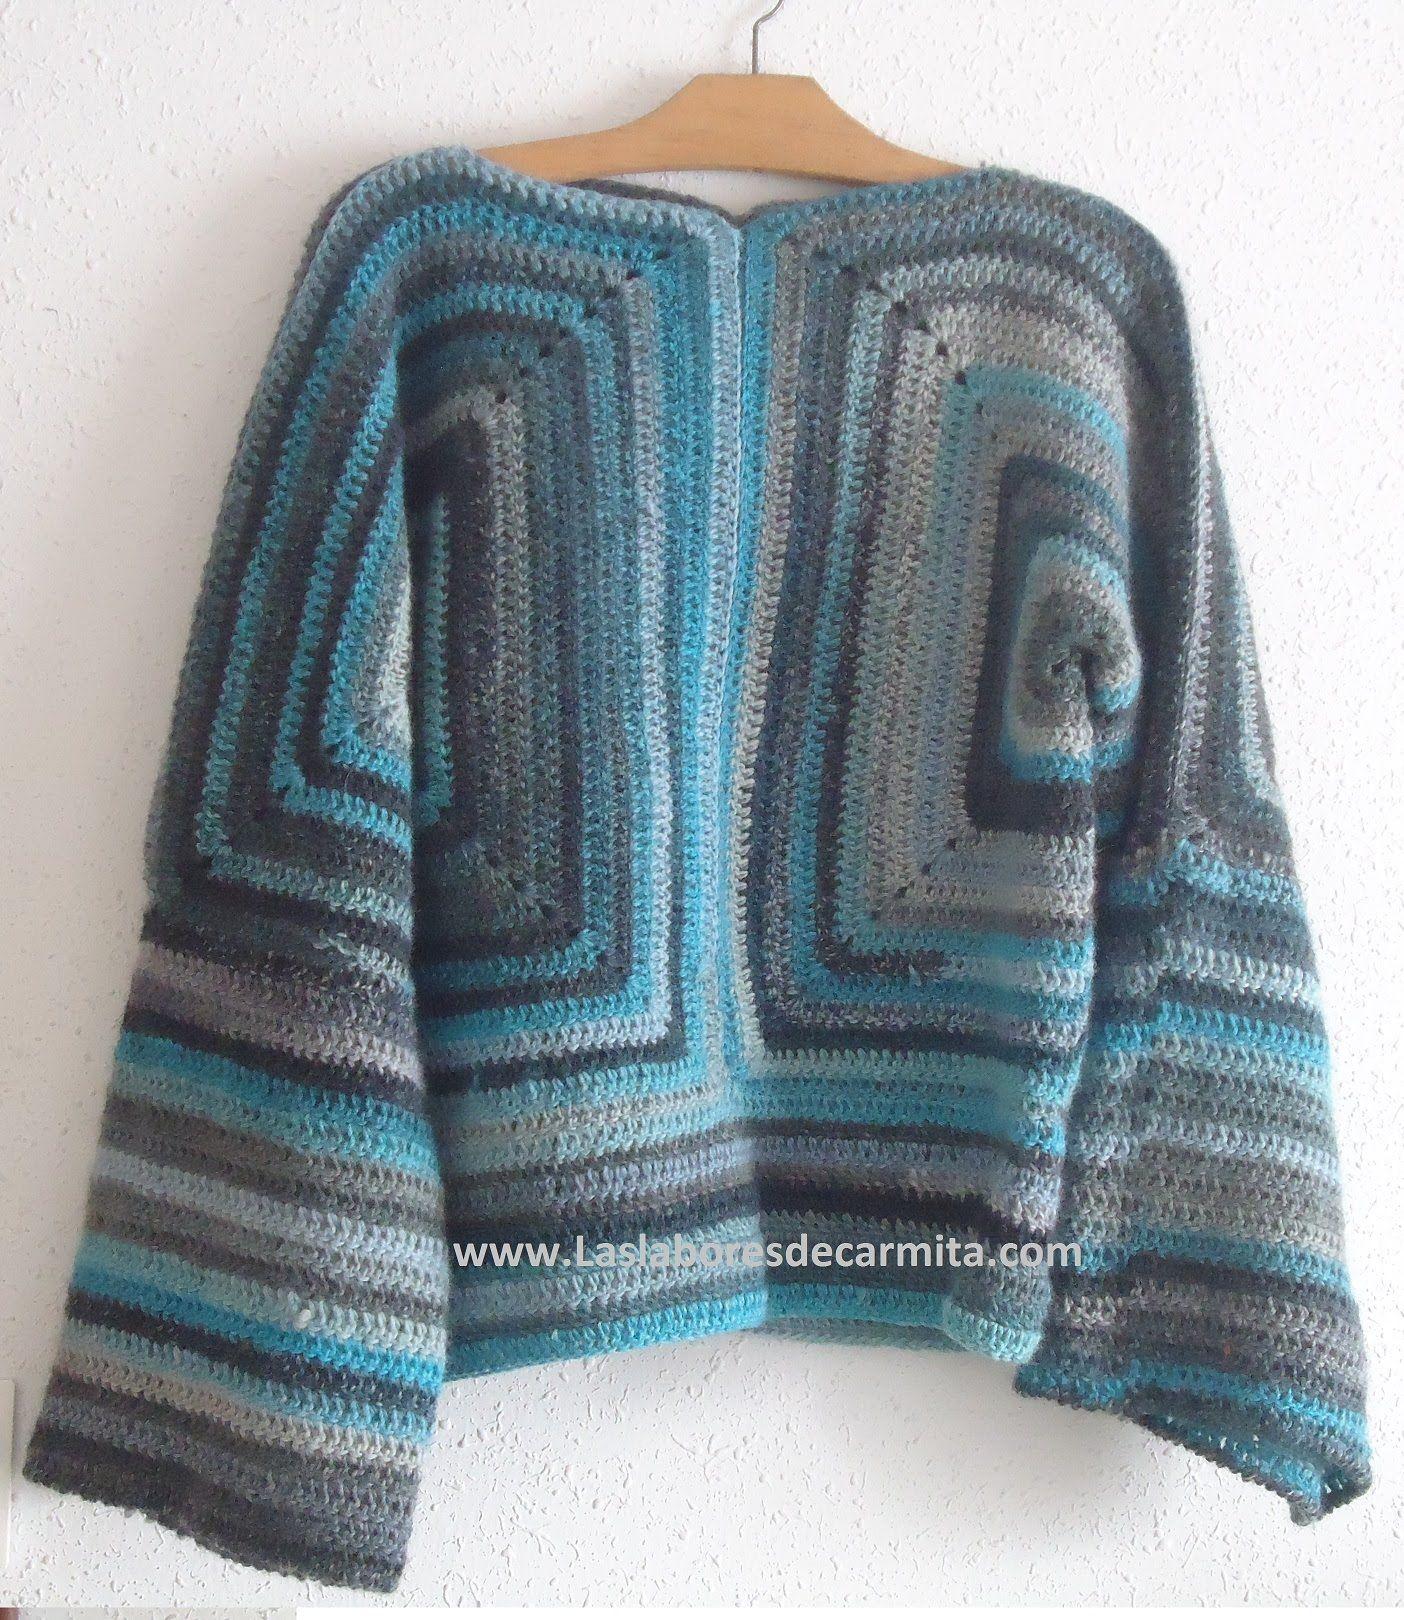 Como hacer jersey chaqueta crochet ganchillo paso a paso - Como empezar a hacer punto paso a paso ...